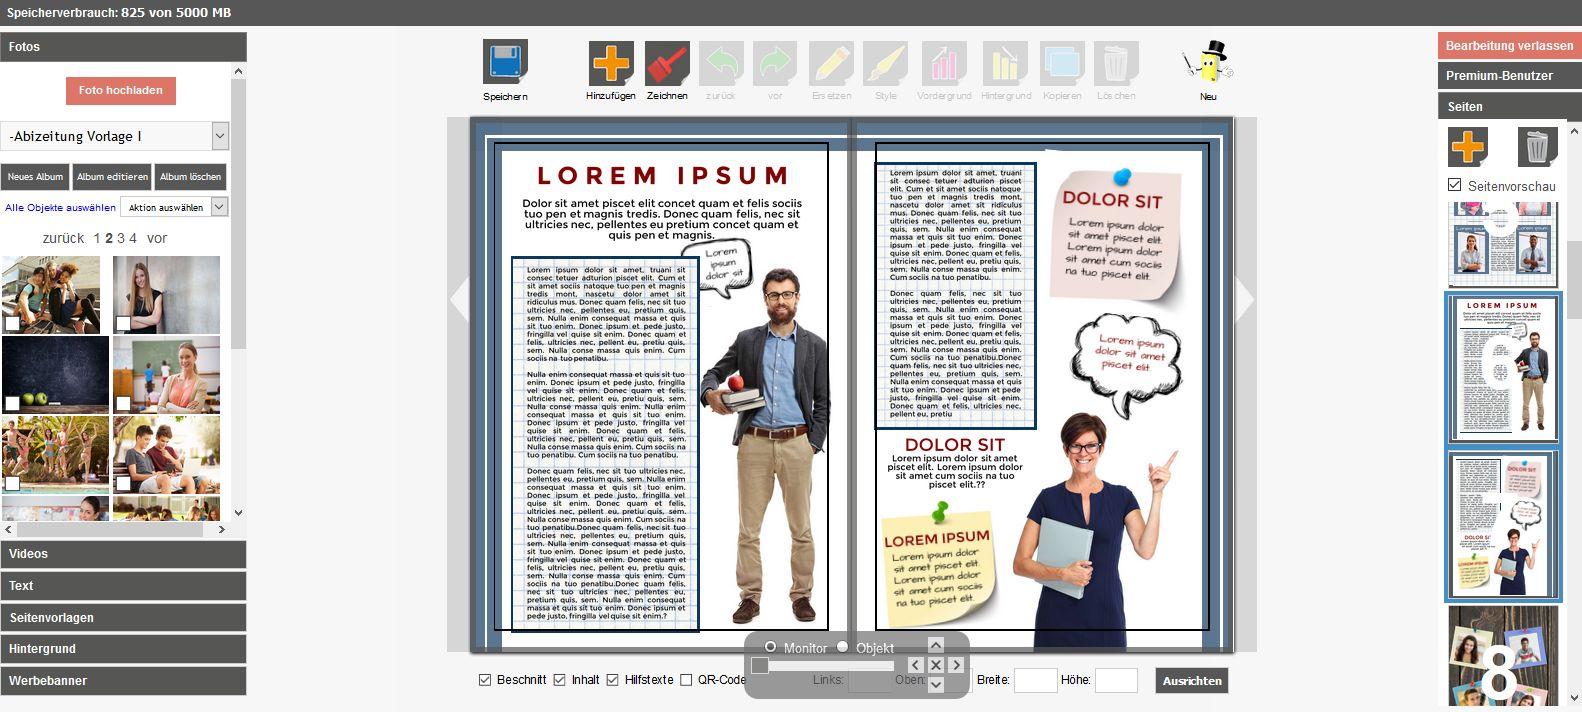 Abizeitung Steckbriefe Gestalten Jilster 0 9